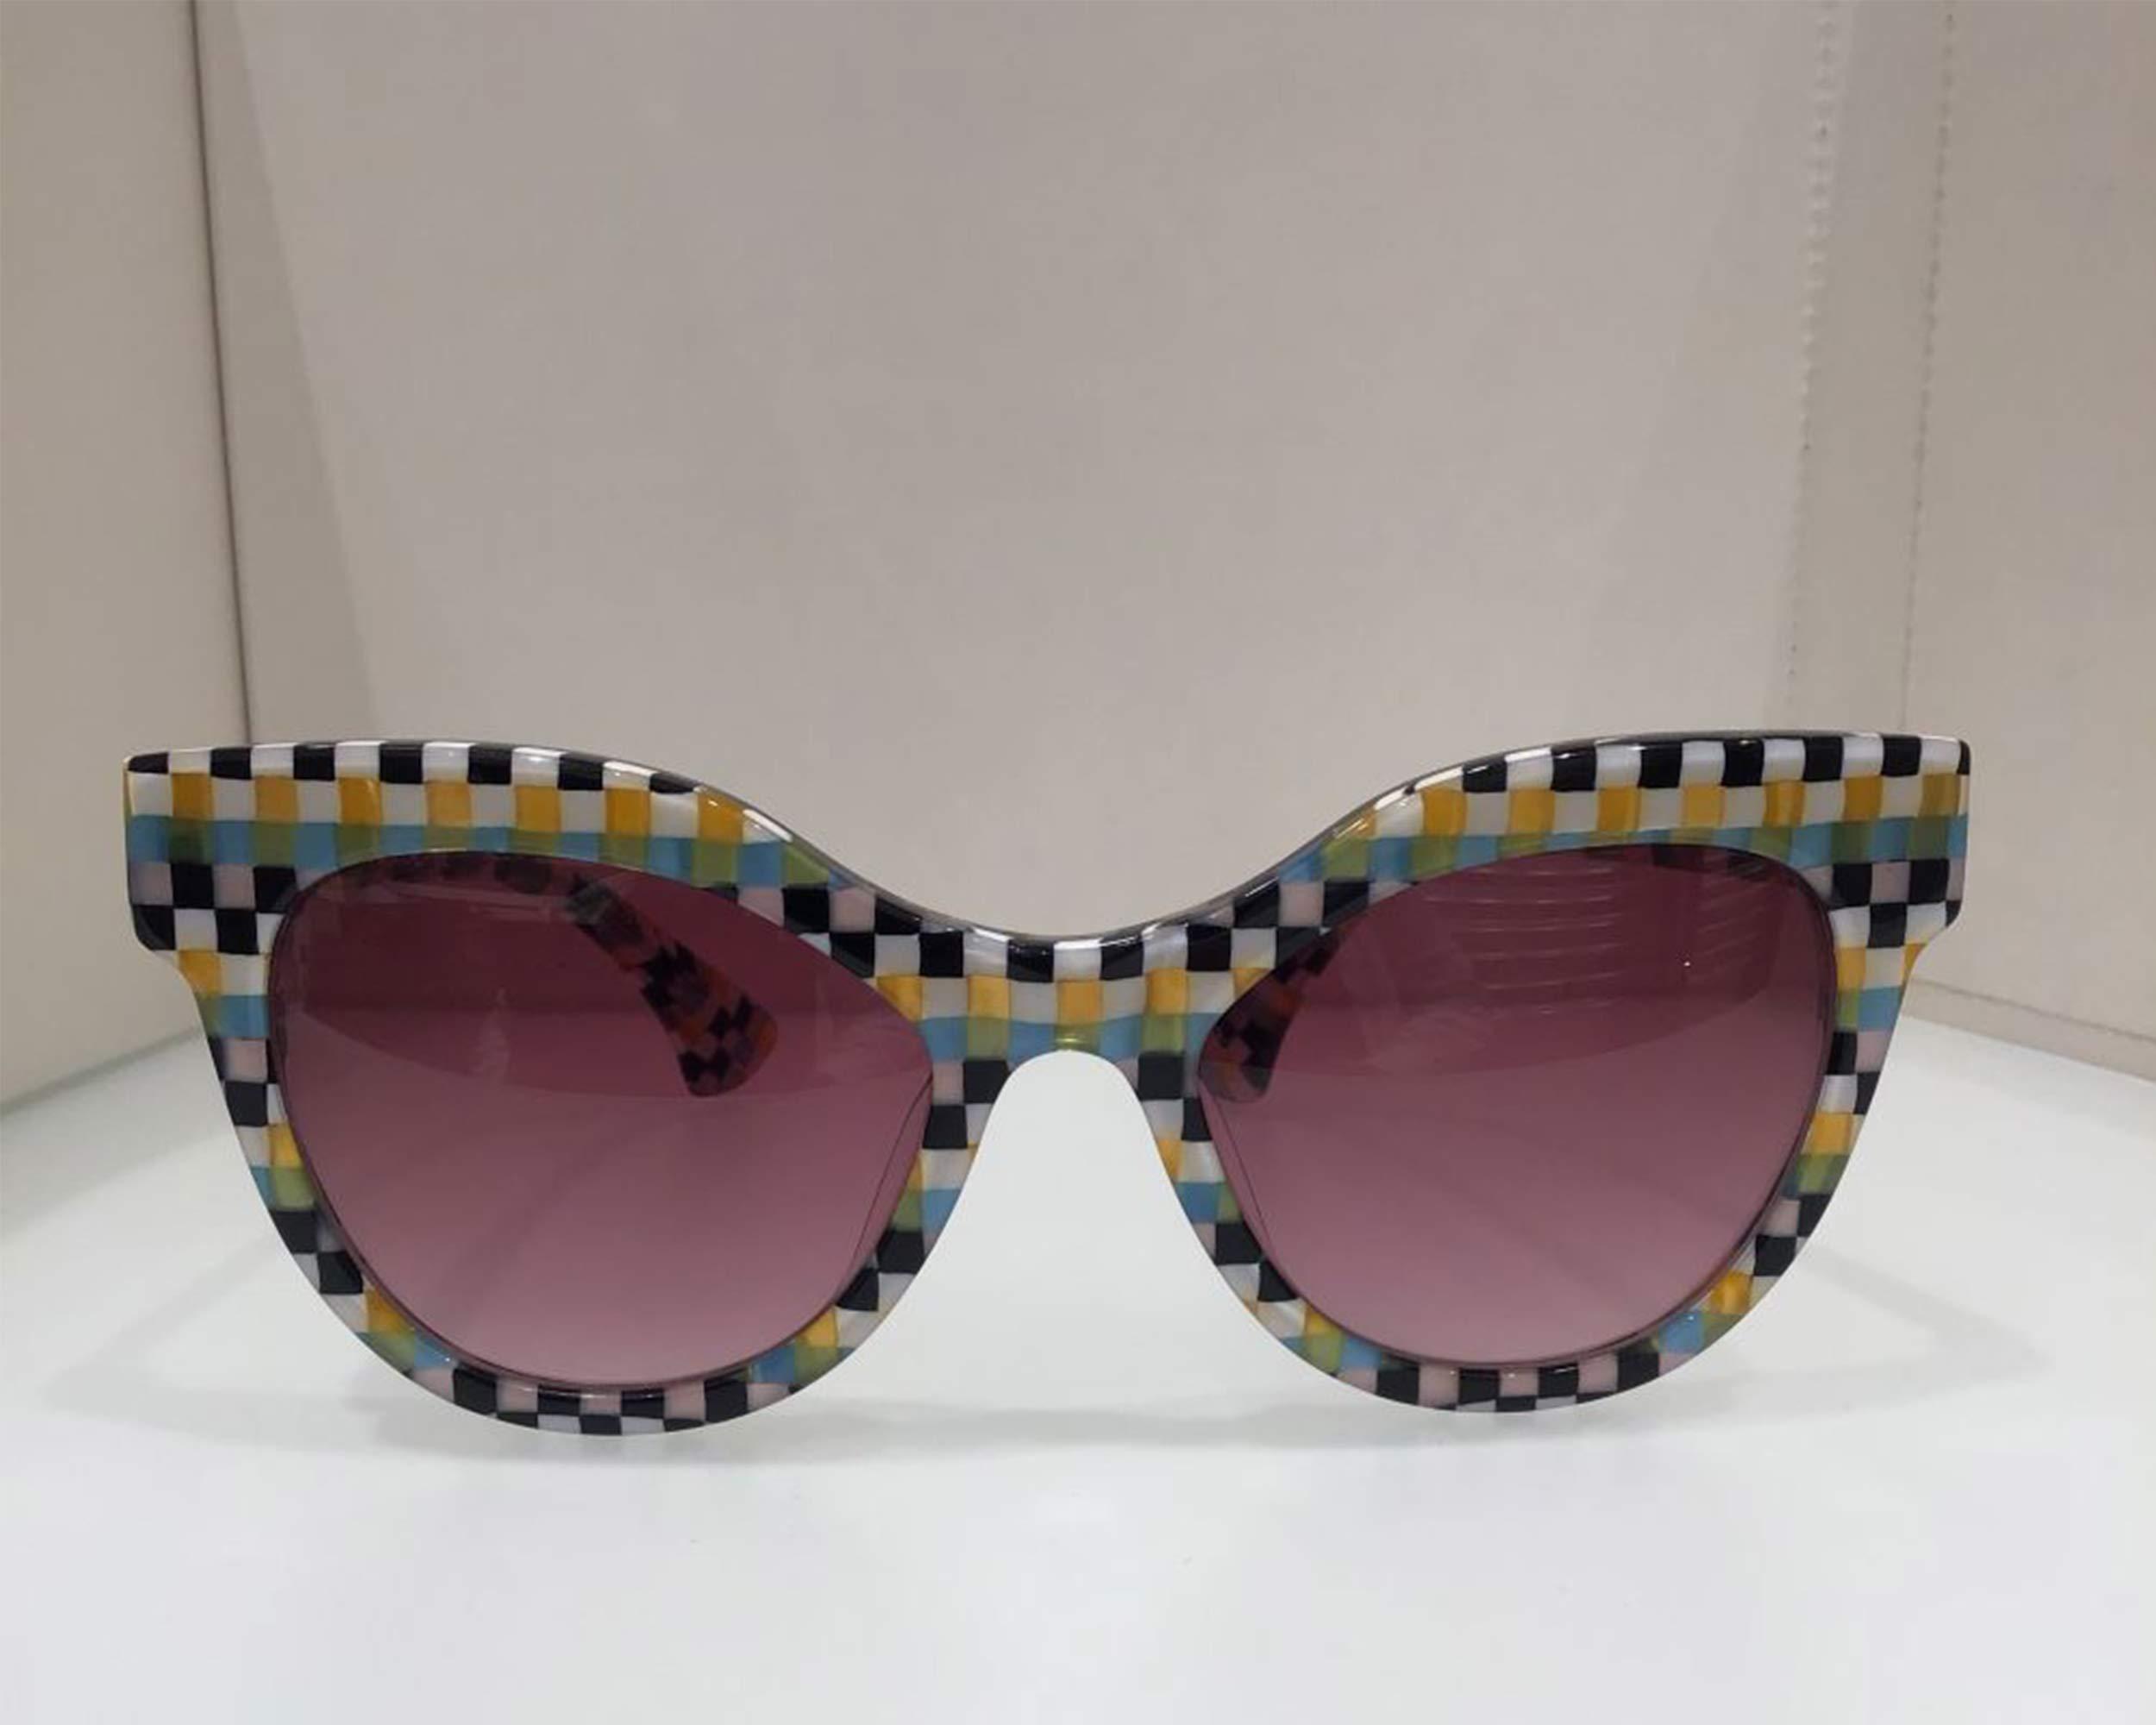 occhiale da sole camillo franchini donna cod 347 _ consegna a domicilio_